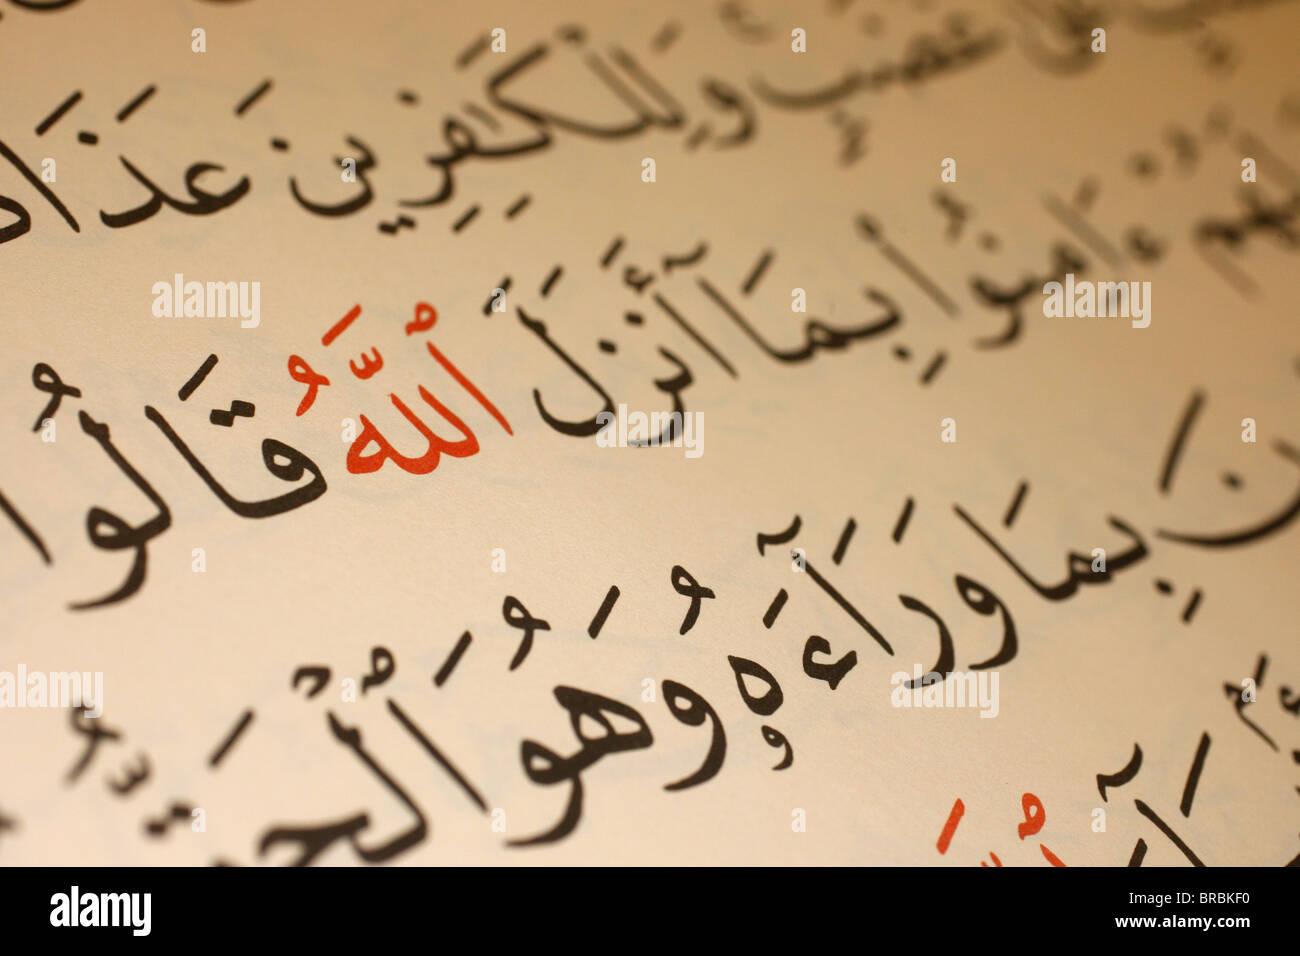 Arabic Calligraphy Allah Stock Photos & Arabic Calligraphy Allah ...